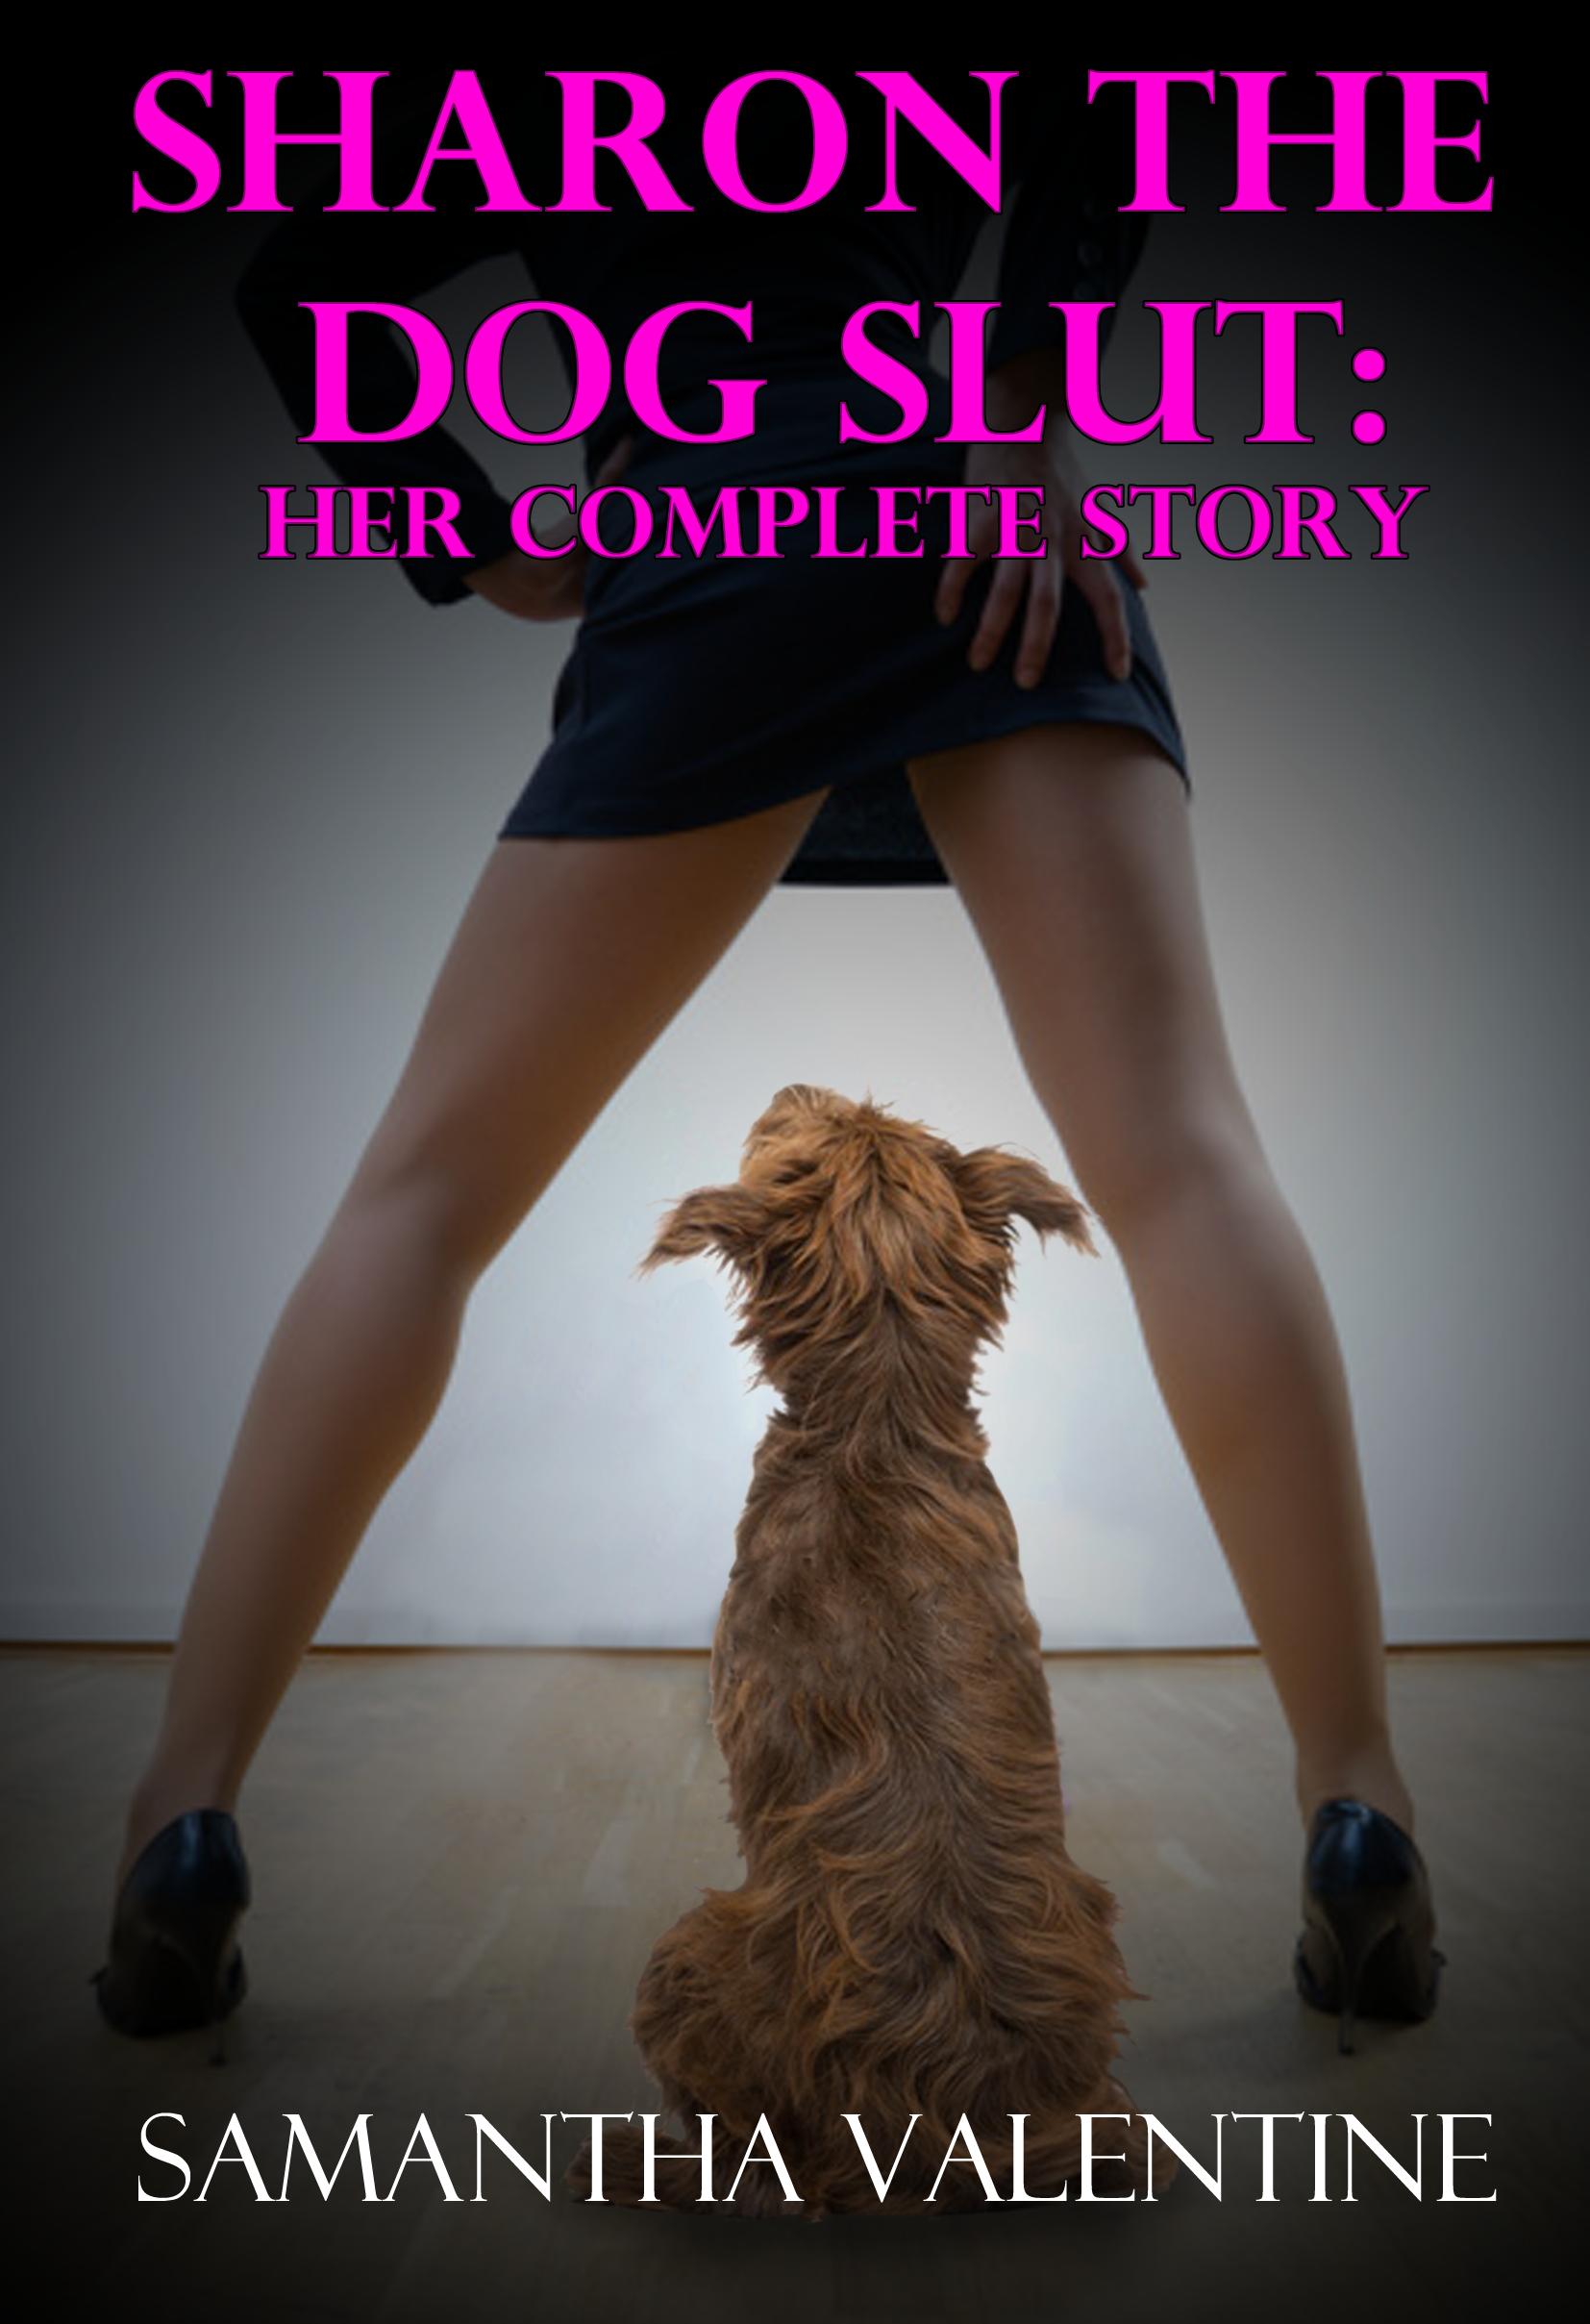 Dog slut story